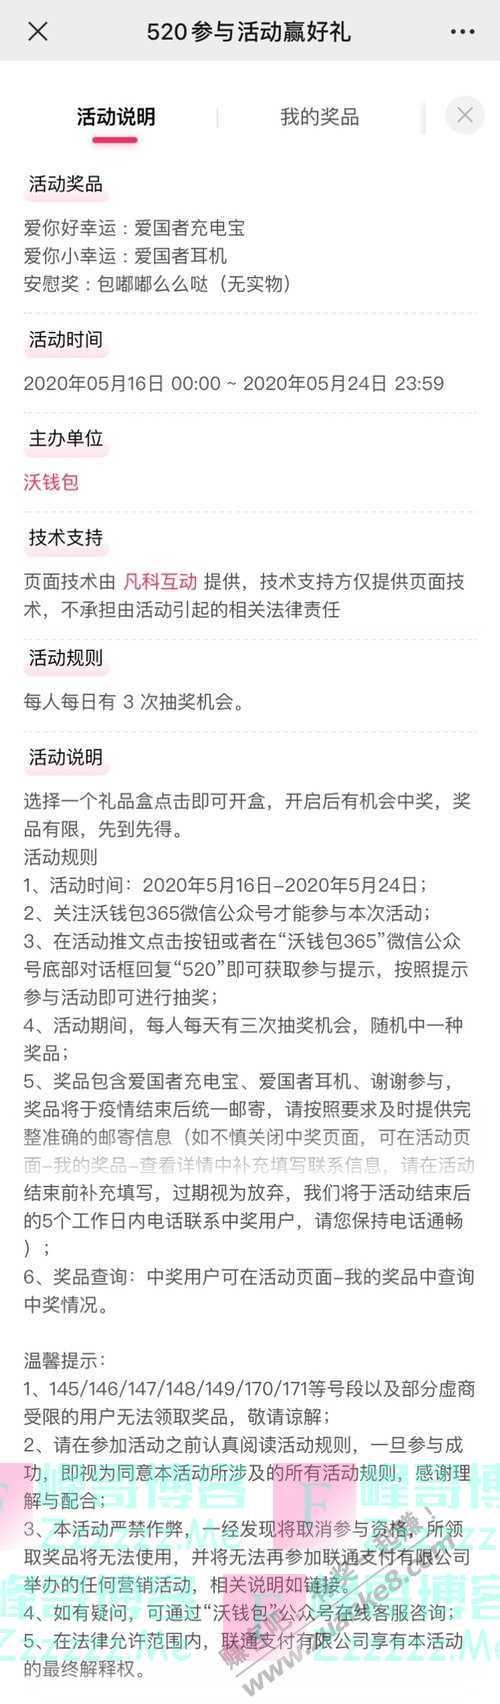 沃钱包520参与活动赢好礼(5月24日截止)